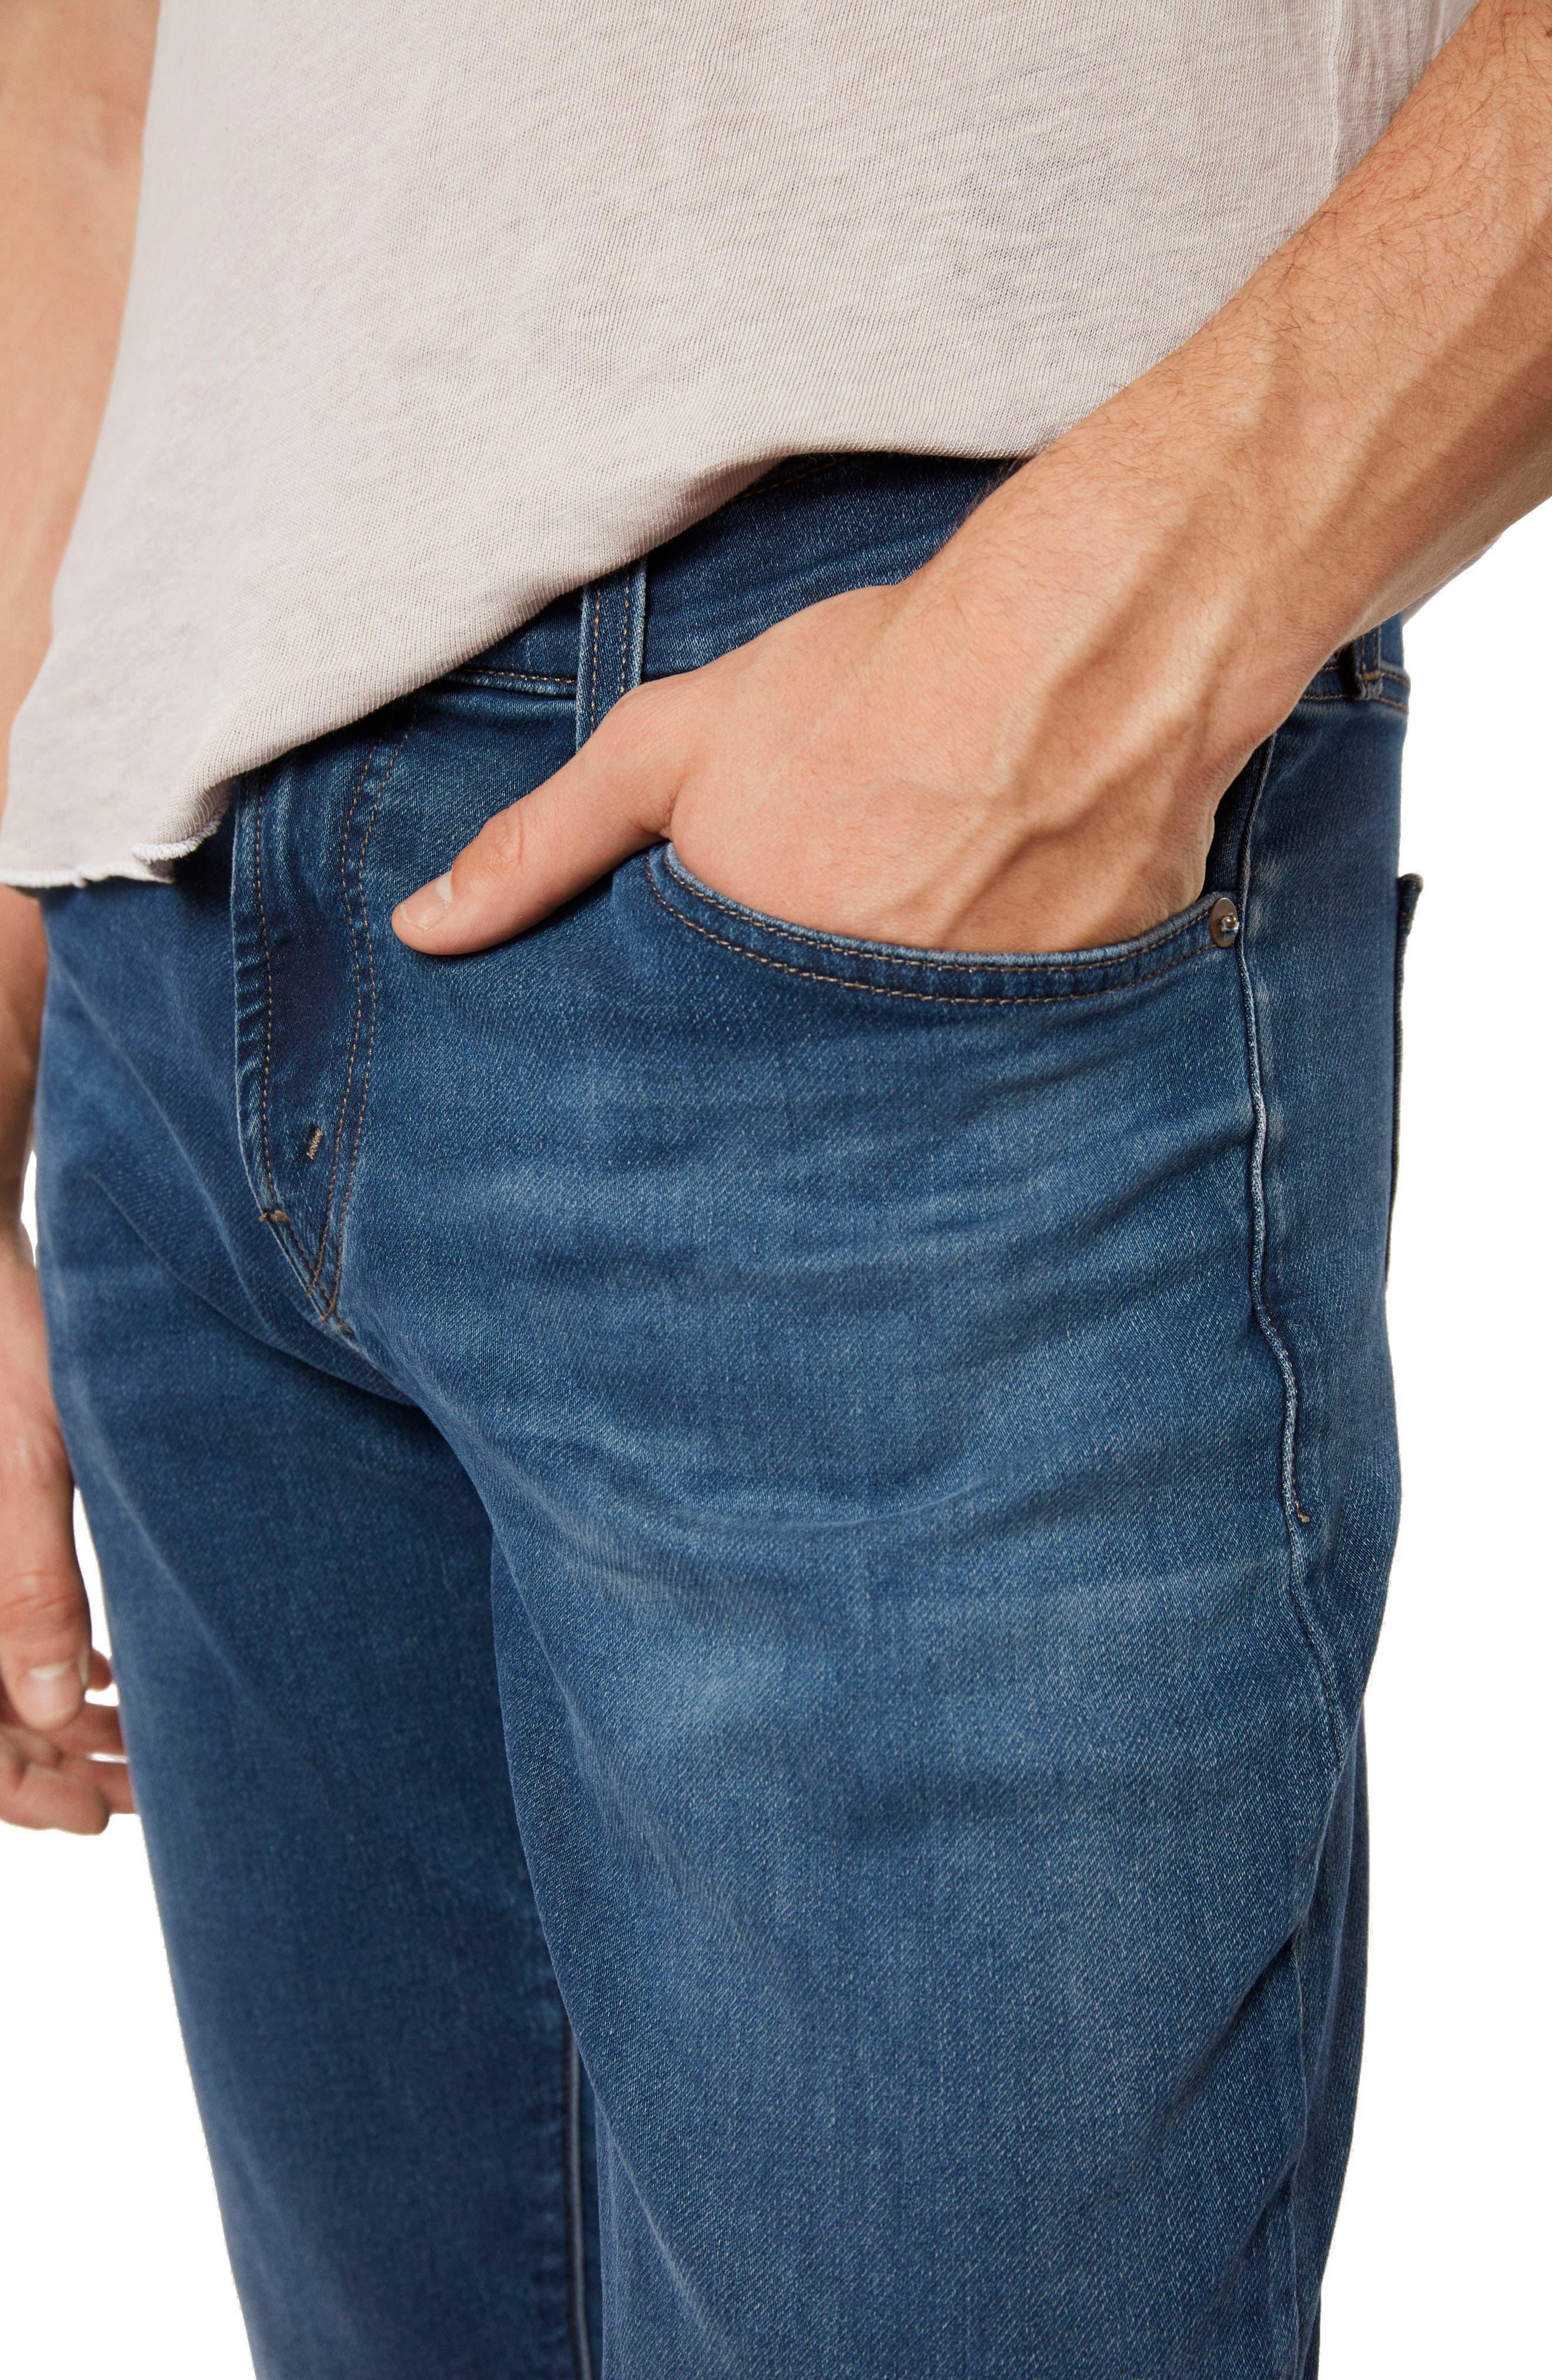 Kane Slim Straight Leg Jeans,                             Alternate thumbnail 4, color,                             454